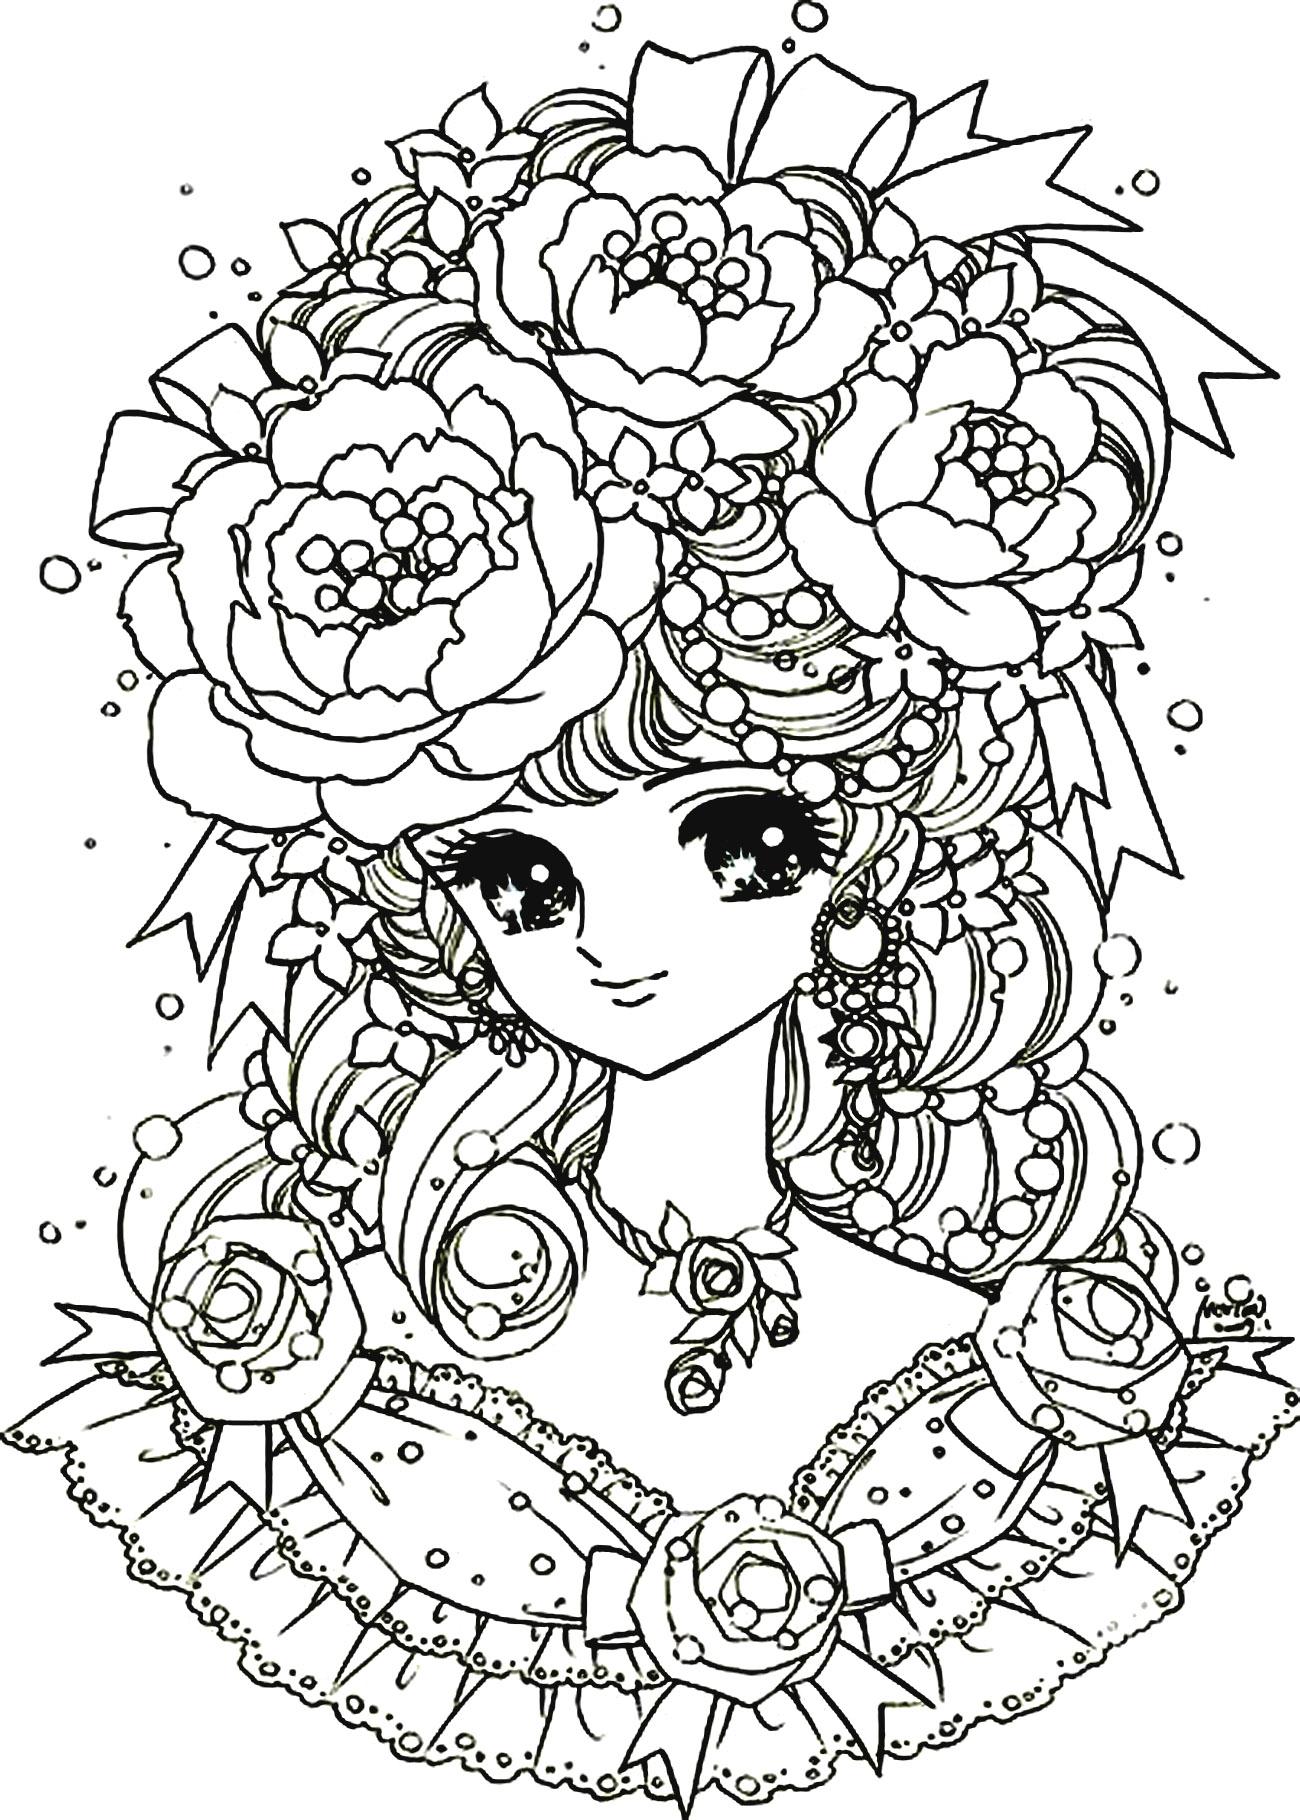 Une jolie fille style Manga, avec une chevelure imposante et très fleurieA partir de la galerie : Mangas